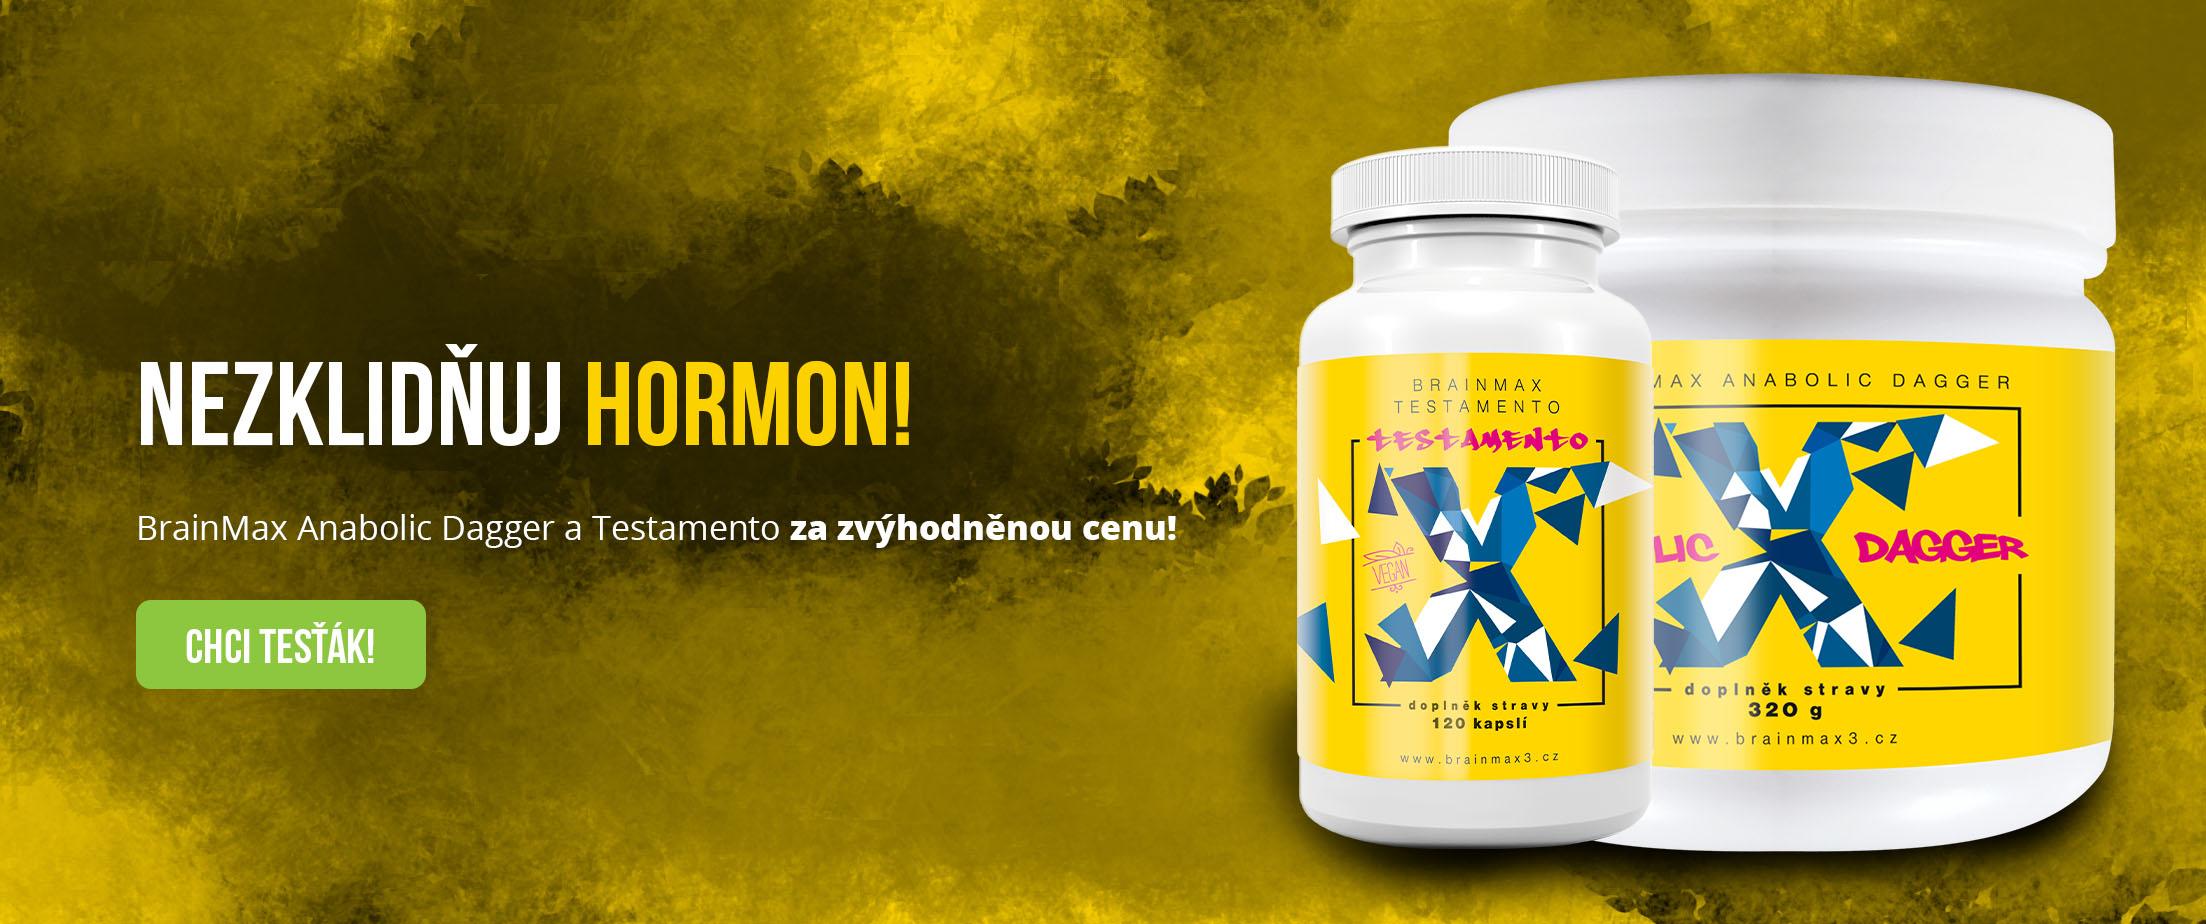 Nezklidňuj hormon!